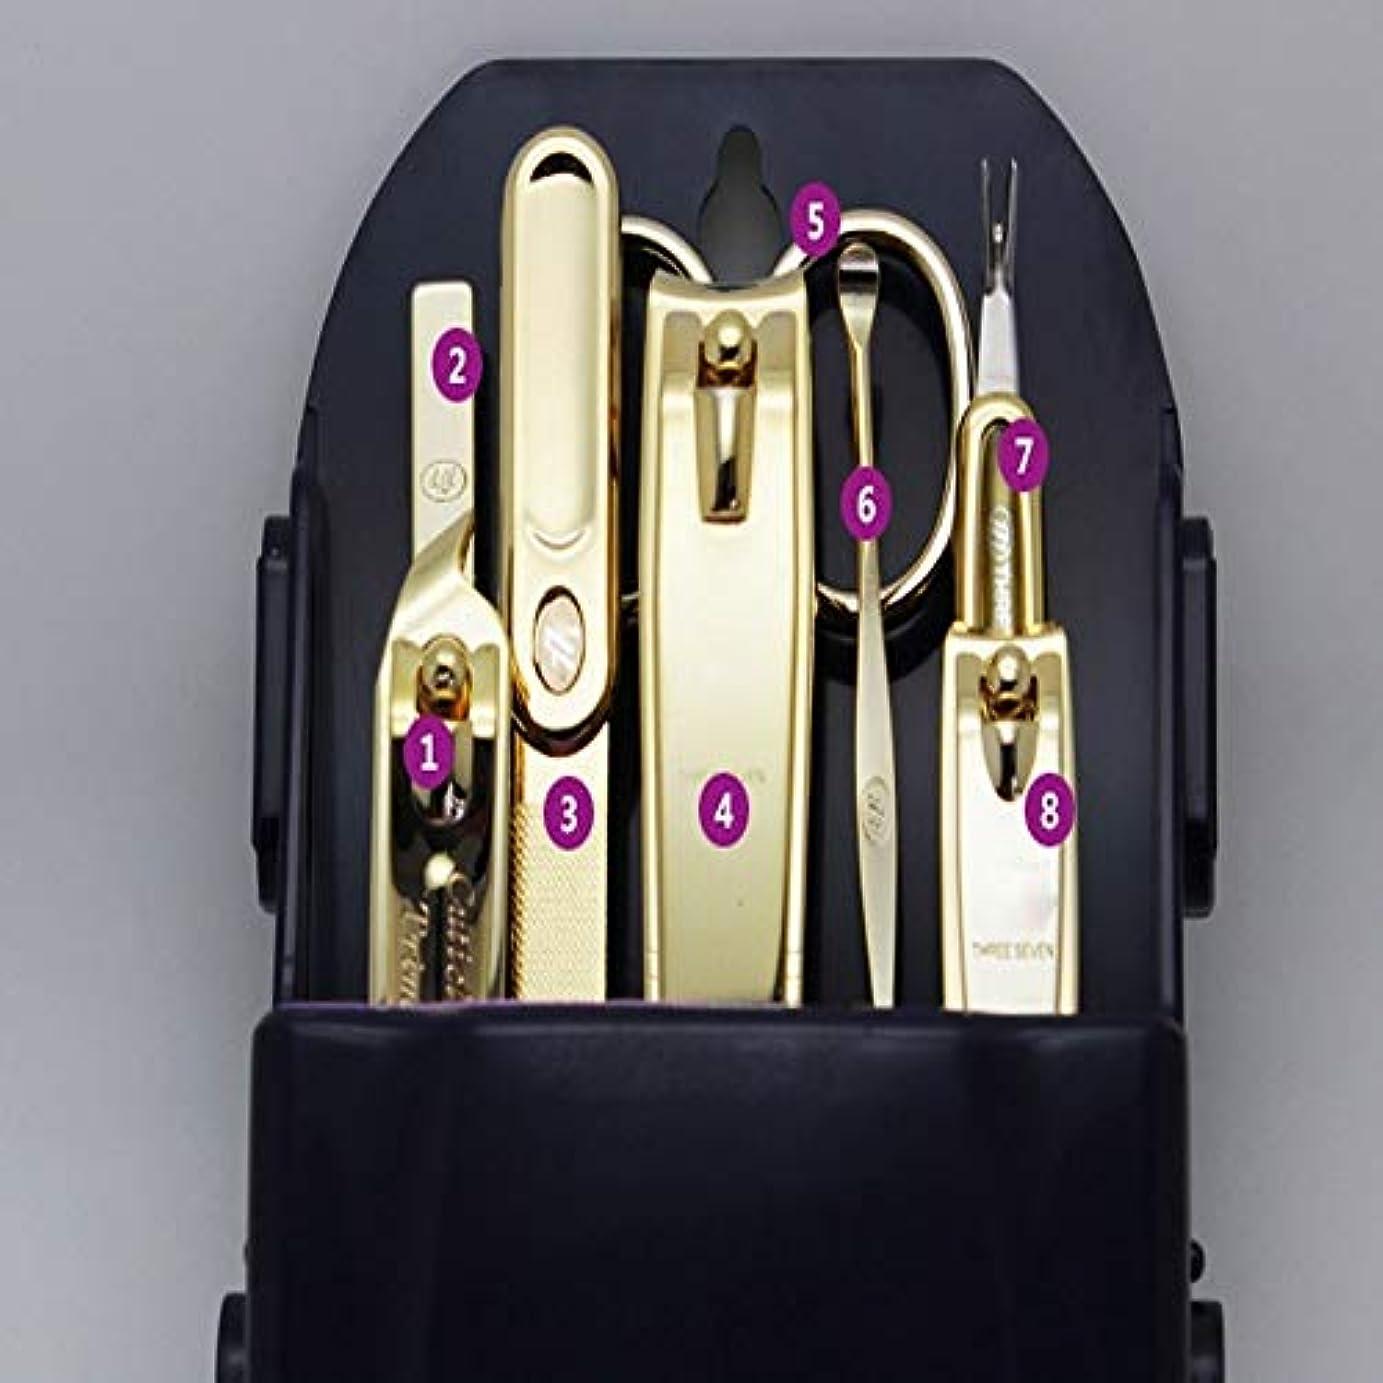 分注する癌夜間TUOFL 8セットのマニキュアネイルツールセット、ホームマニキュアネイルクリッパーセット、炭素鋼材料、高硬度 (Color : Gold)